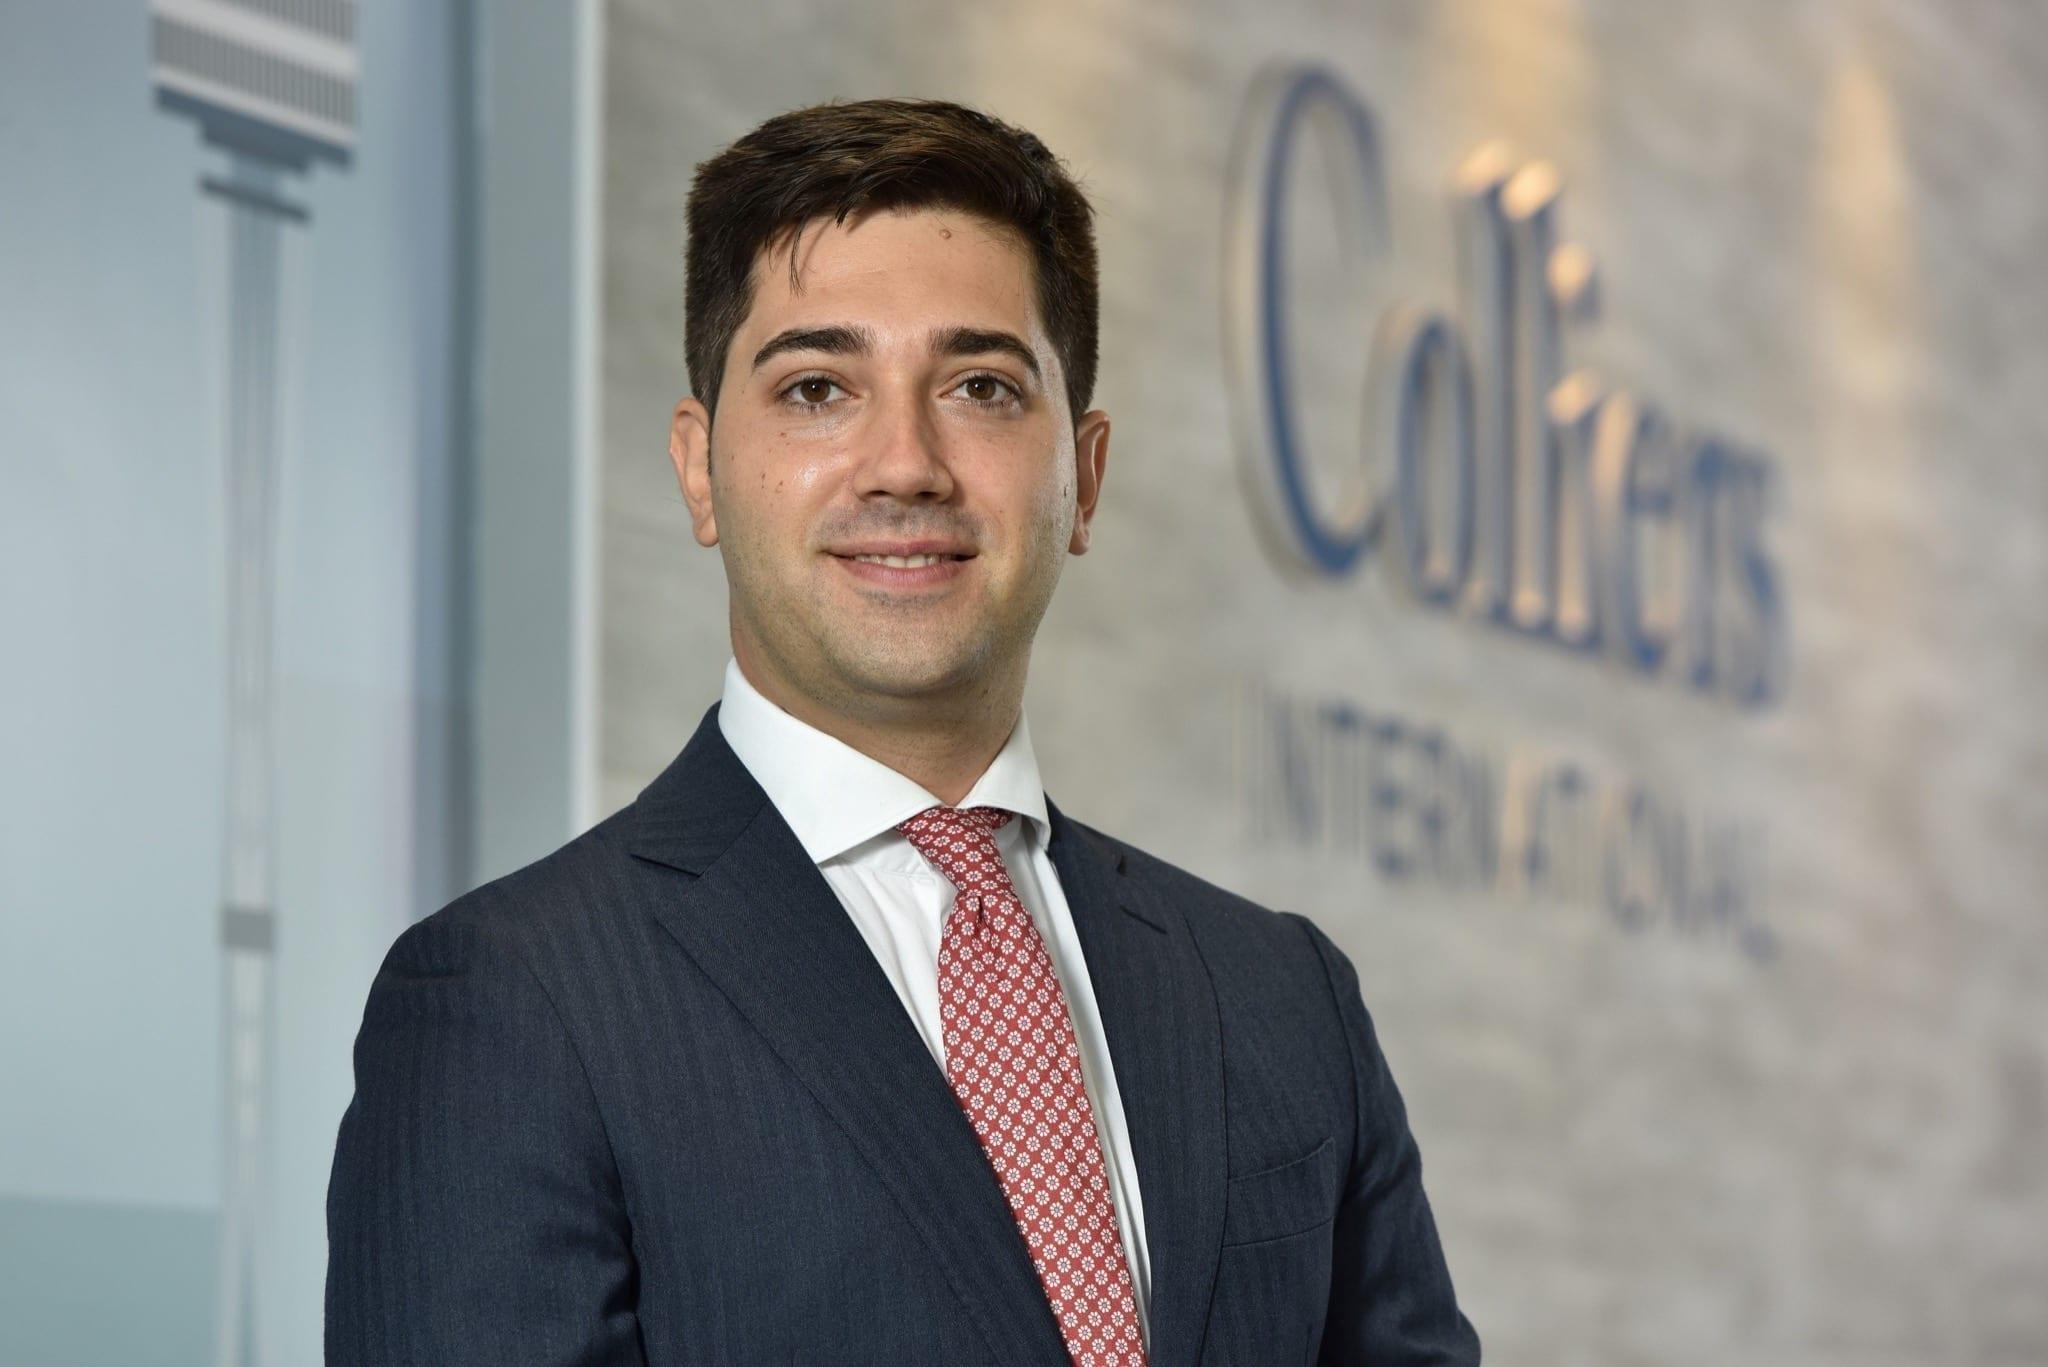 Mihai Patrulescu Colliers International copy - Piața investițiilor imobiliare continuă dezvoltarea sub influența crizei sanitare în 2021